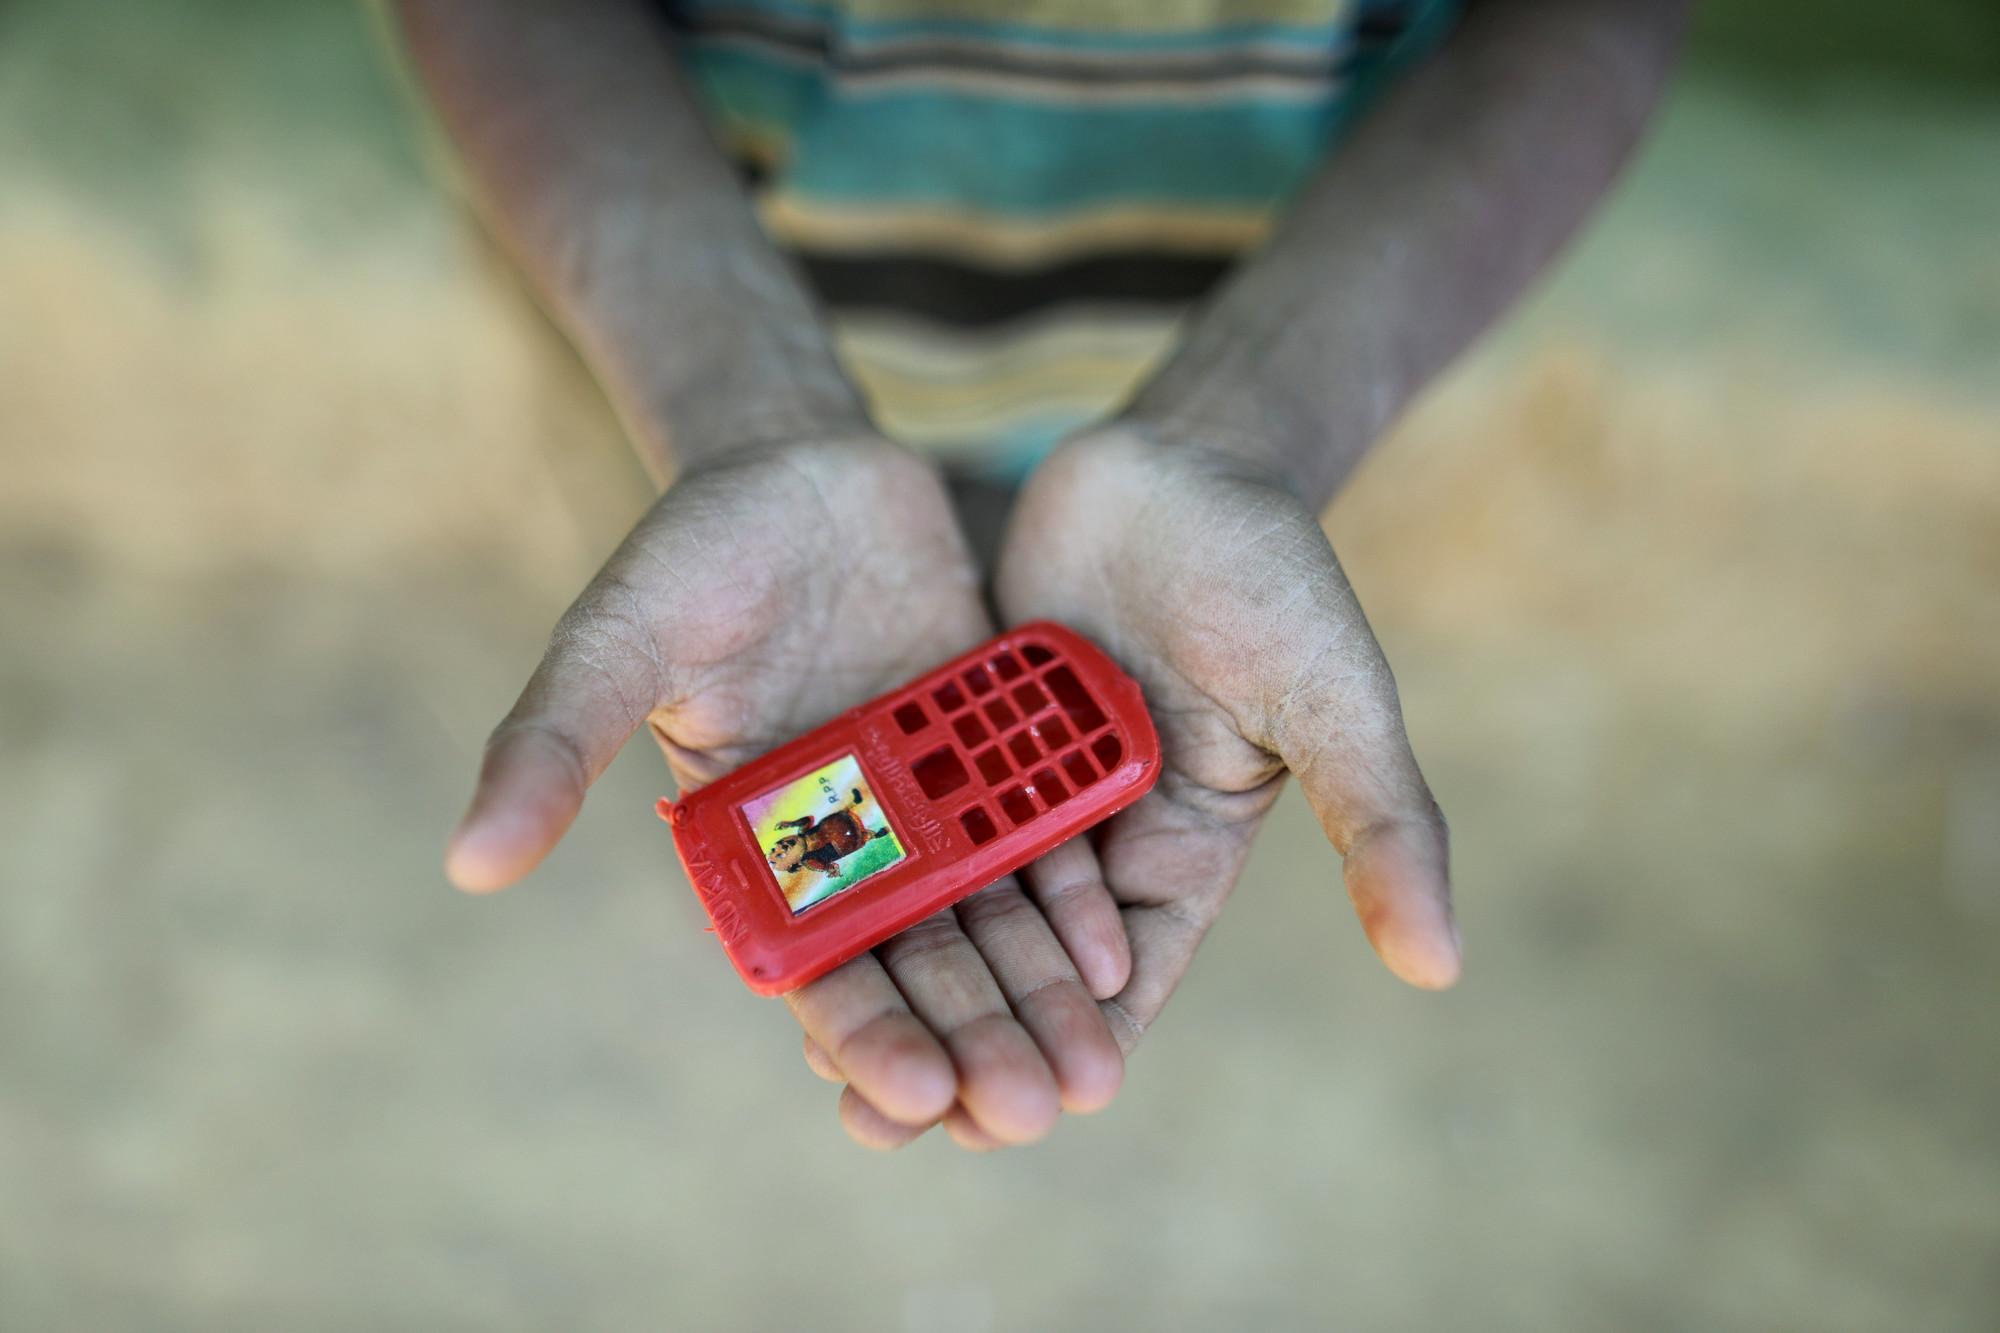 Mohammad encontró este teléfono de plástico en una caja de bocadillos que recibió. El niño de 10 años huyó de Myanmar después de que su casa fuera incendiada. Un día quiere tener un teléfono real para llamar a sus amigos.